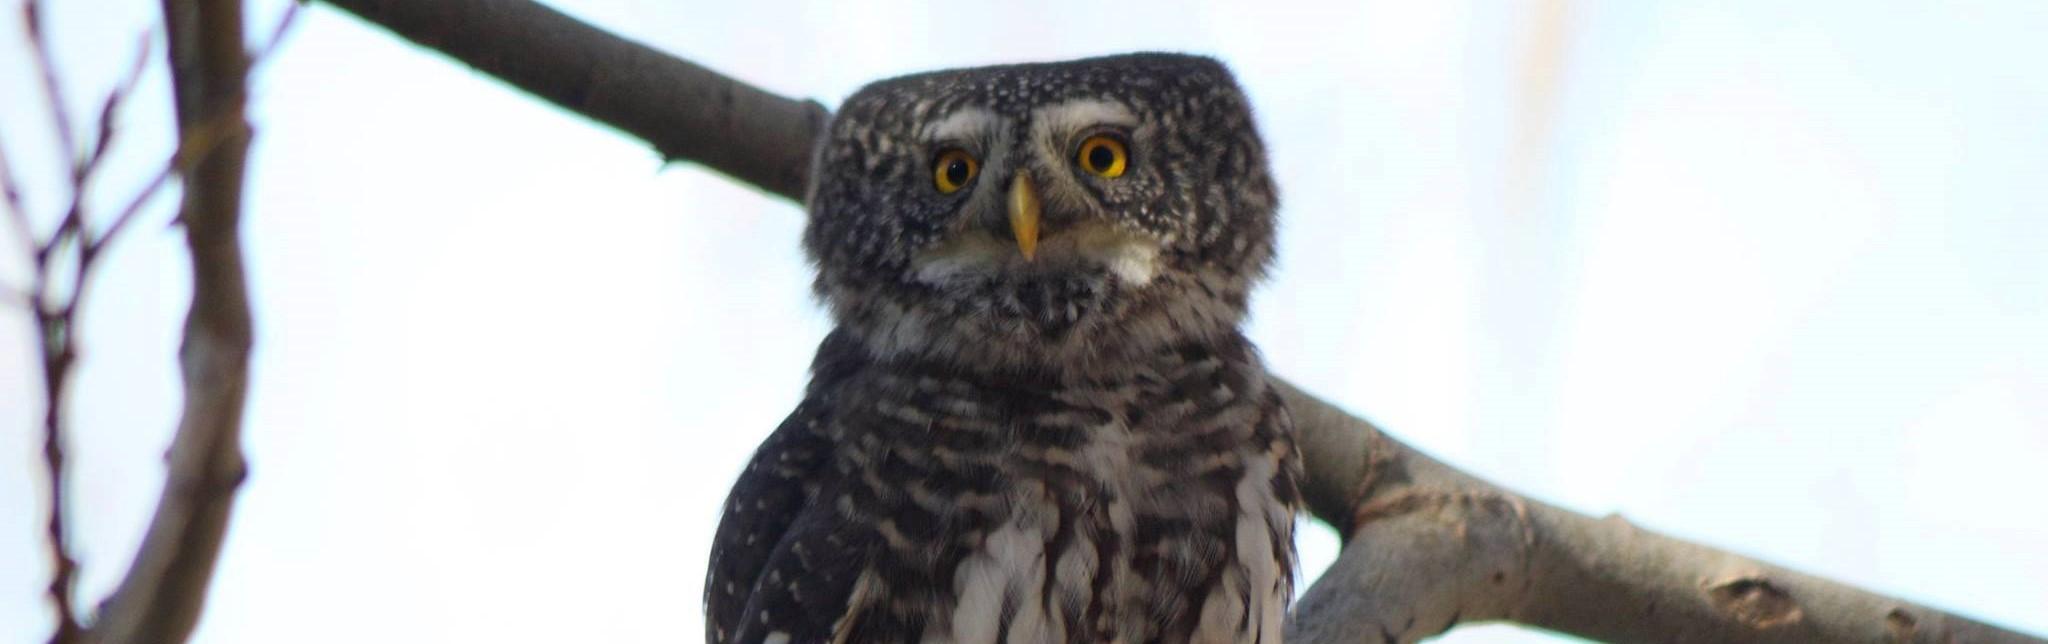 Eurasian Pygmy Owl by Simeon Gigov